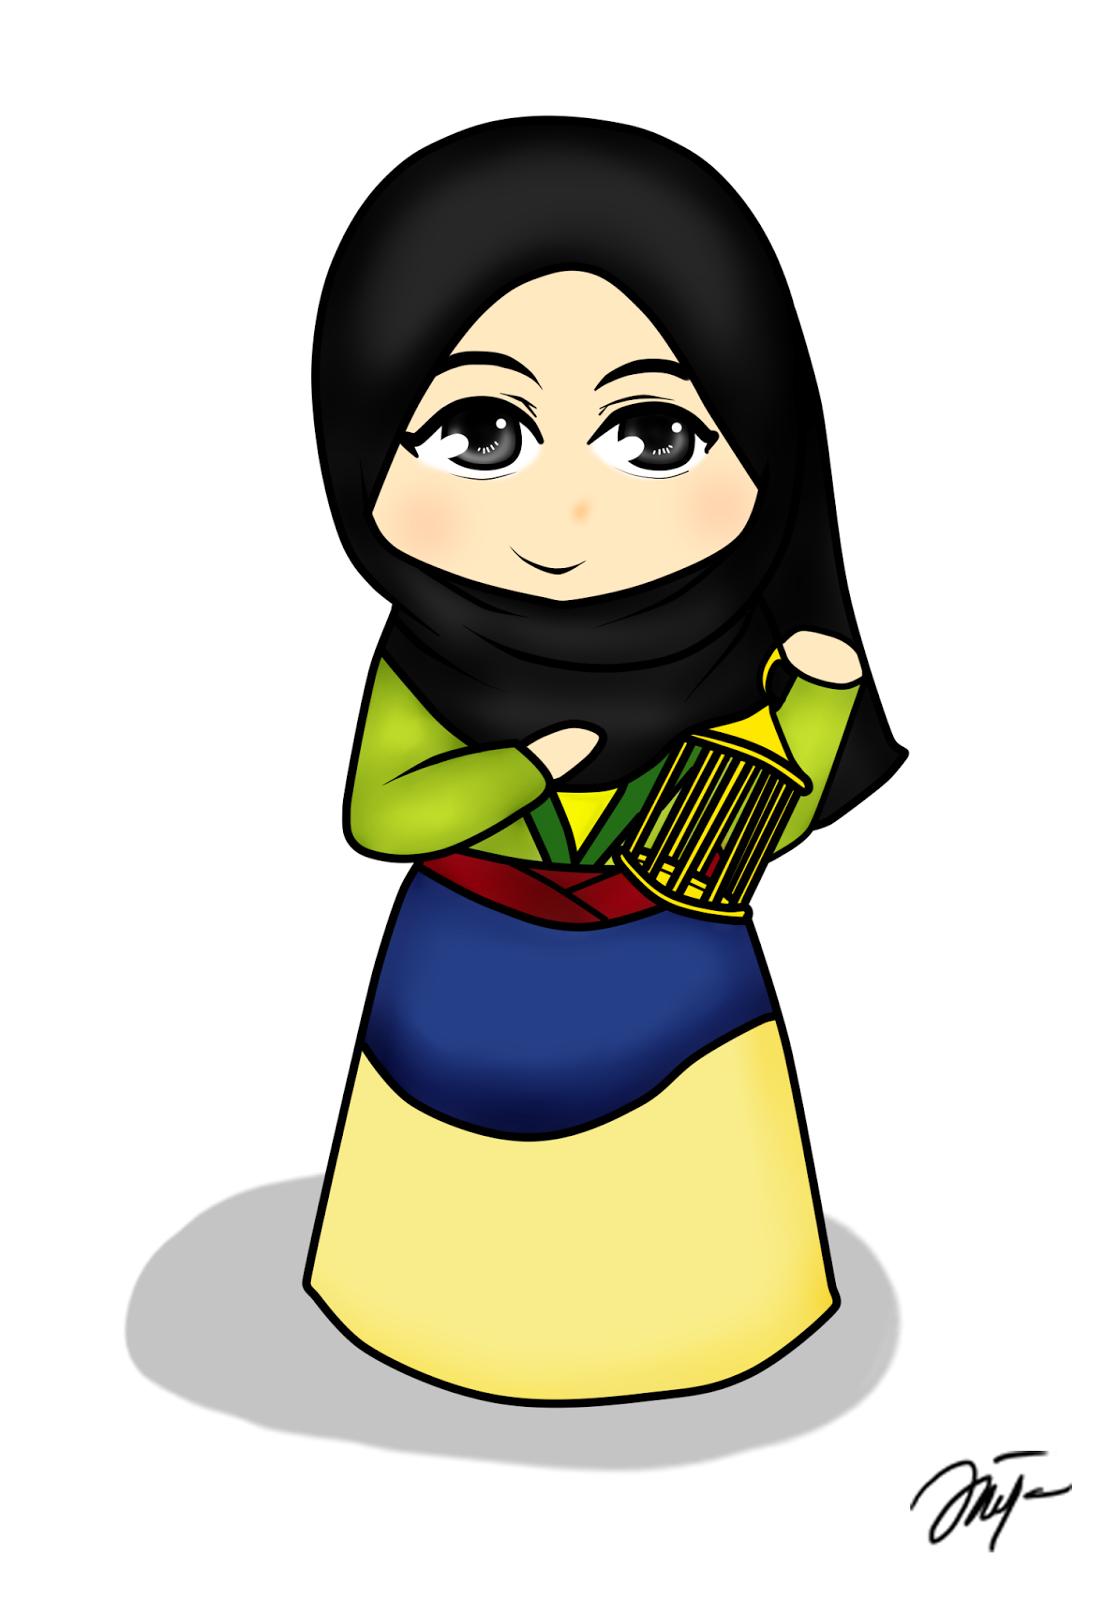 Diya Hanun Chibi doodle Disney Princess Hijab Version